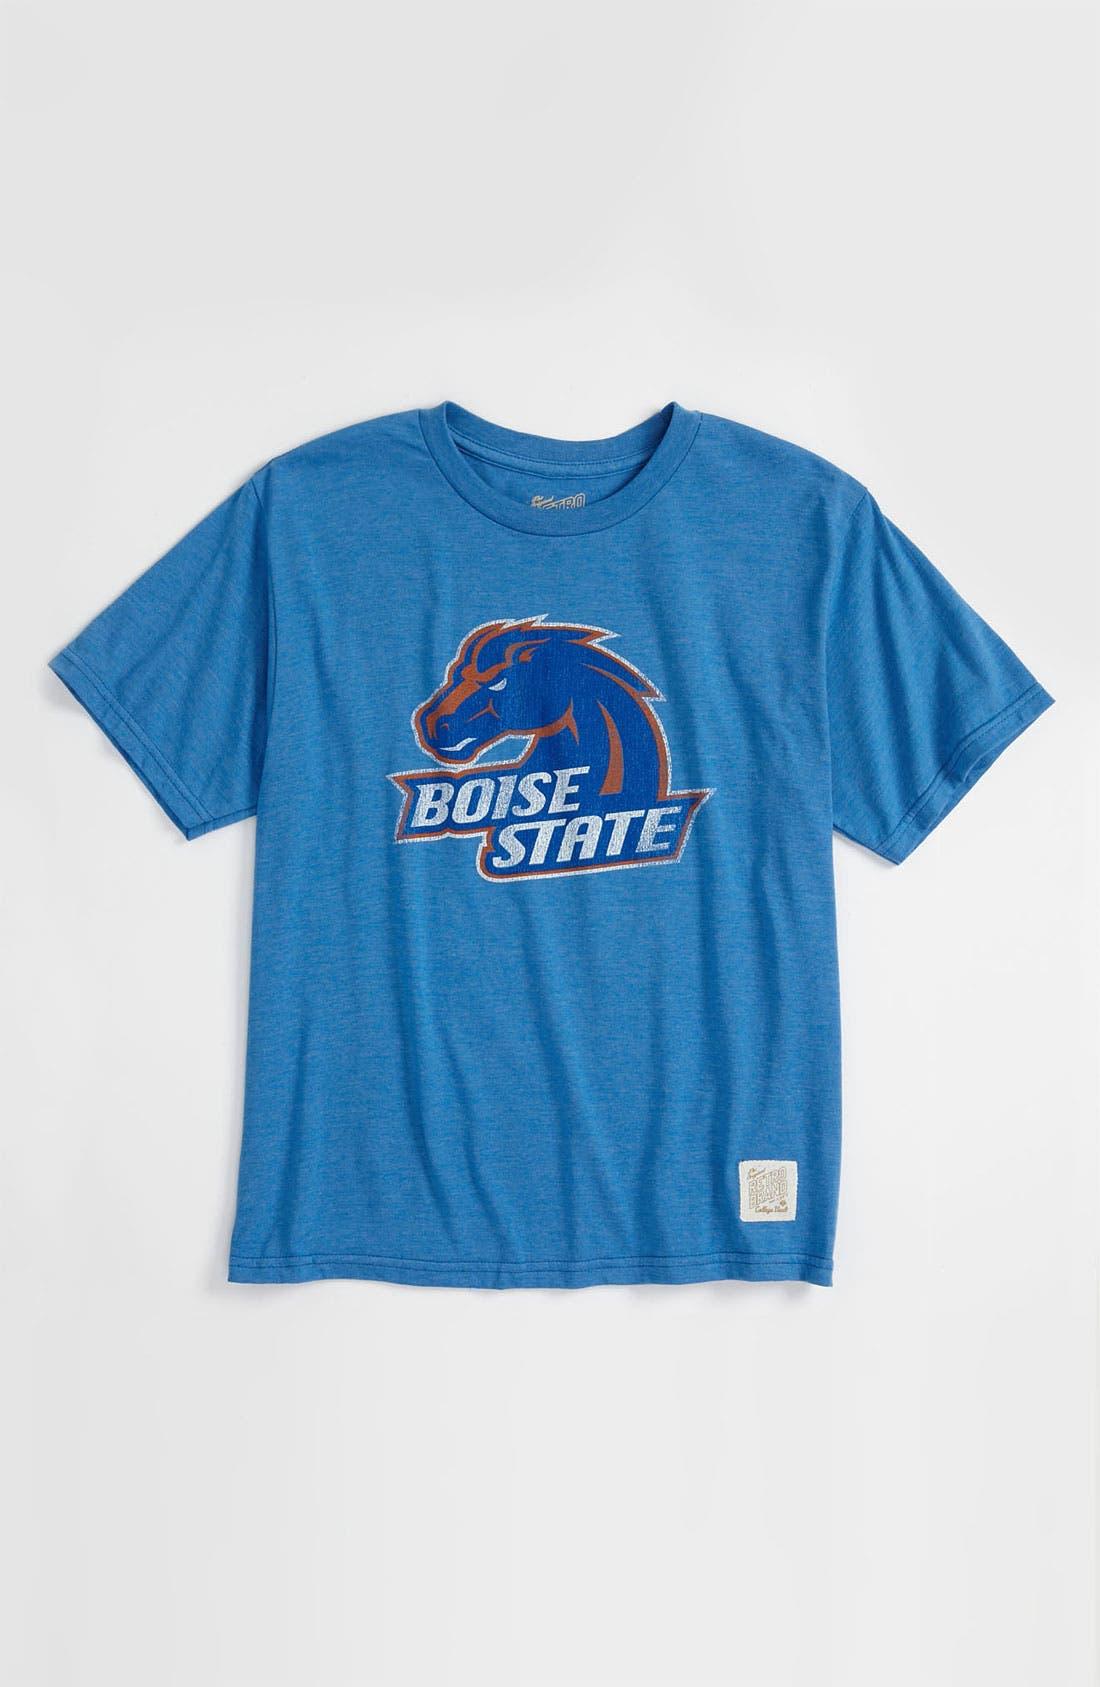 Main Image - The Original Retro Brand 'Boise State' T-Shirt (Big Boys)